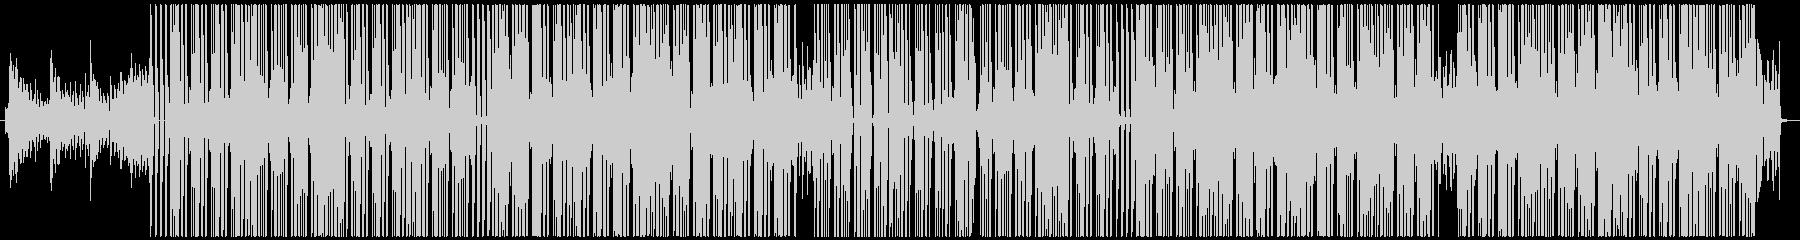 HIPHOP ラップ BGM アーバンの未再生の波形